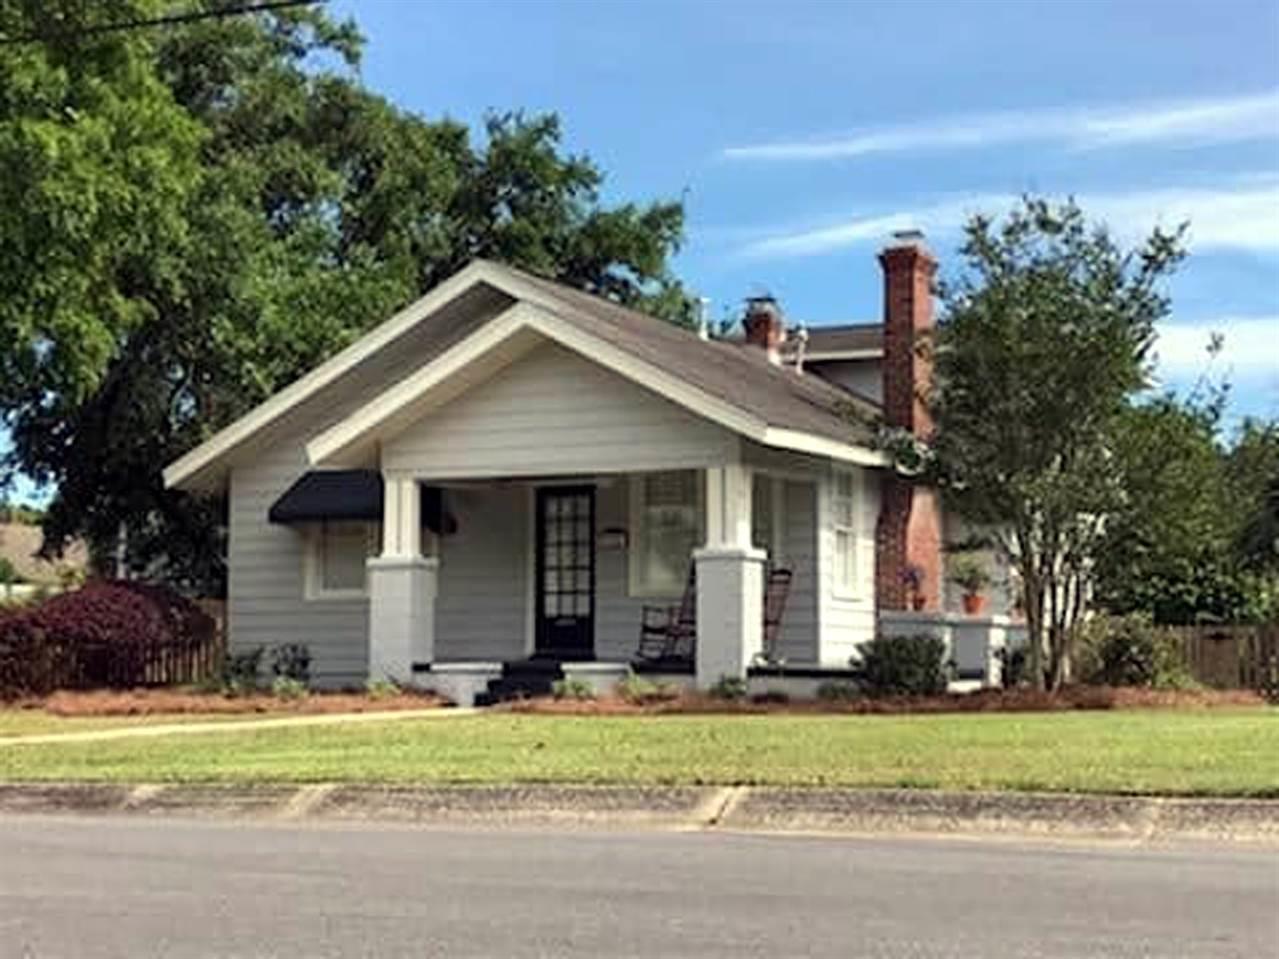 1901 E HERNANDEZ ST, Pensacola, Florida